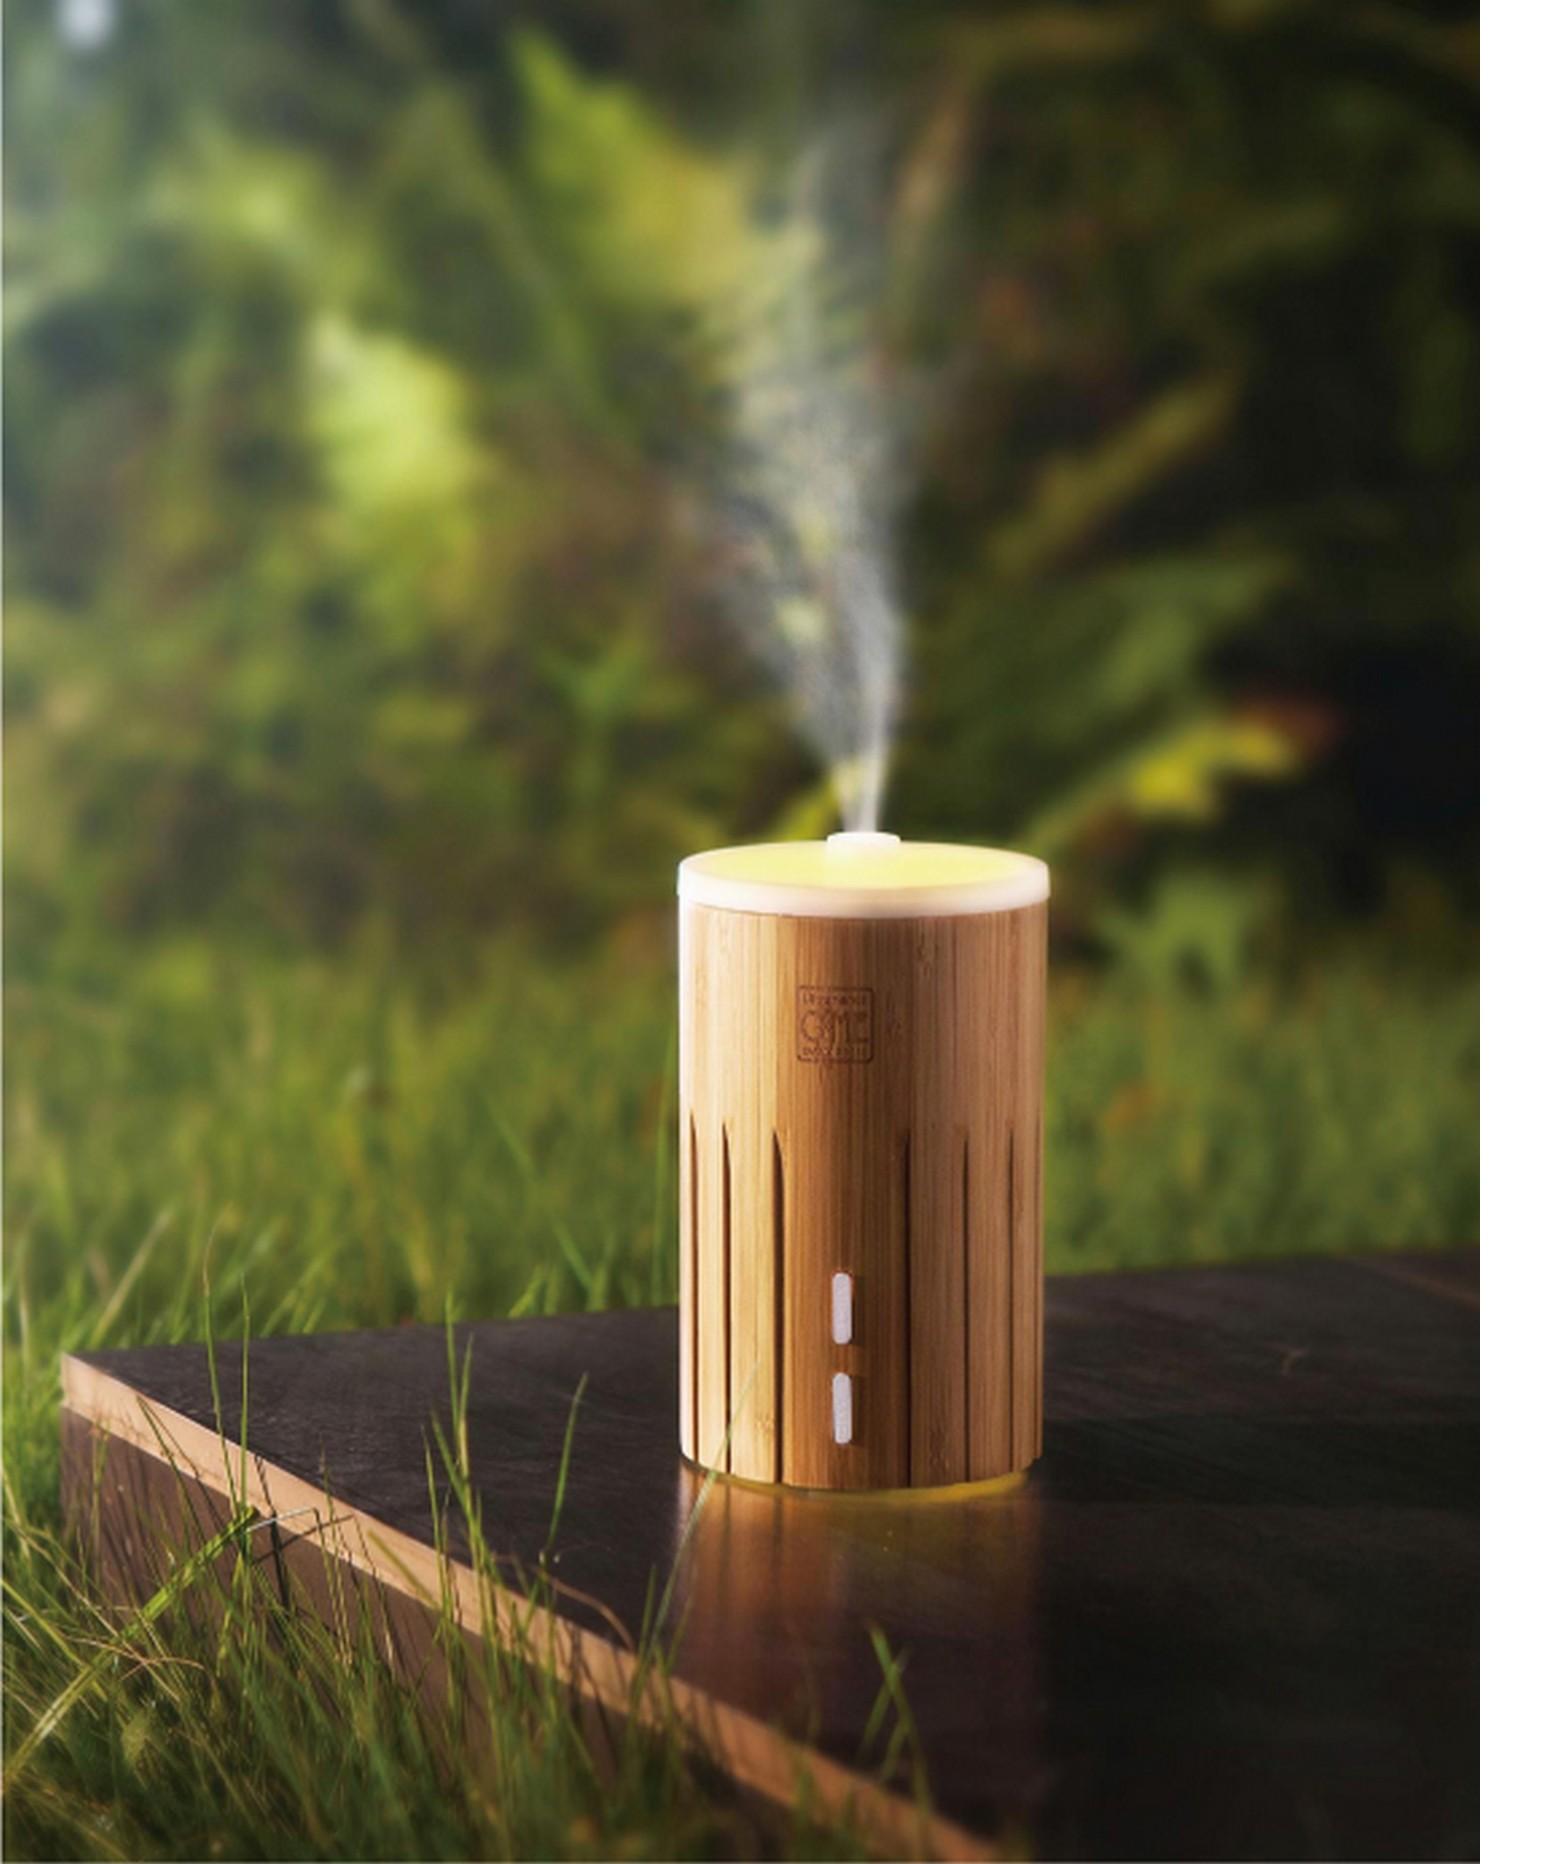 Бамбуковый арома-увлажнитель AIC Ultransmit 030 в Ярославле